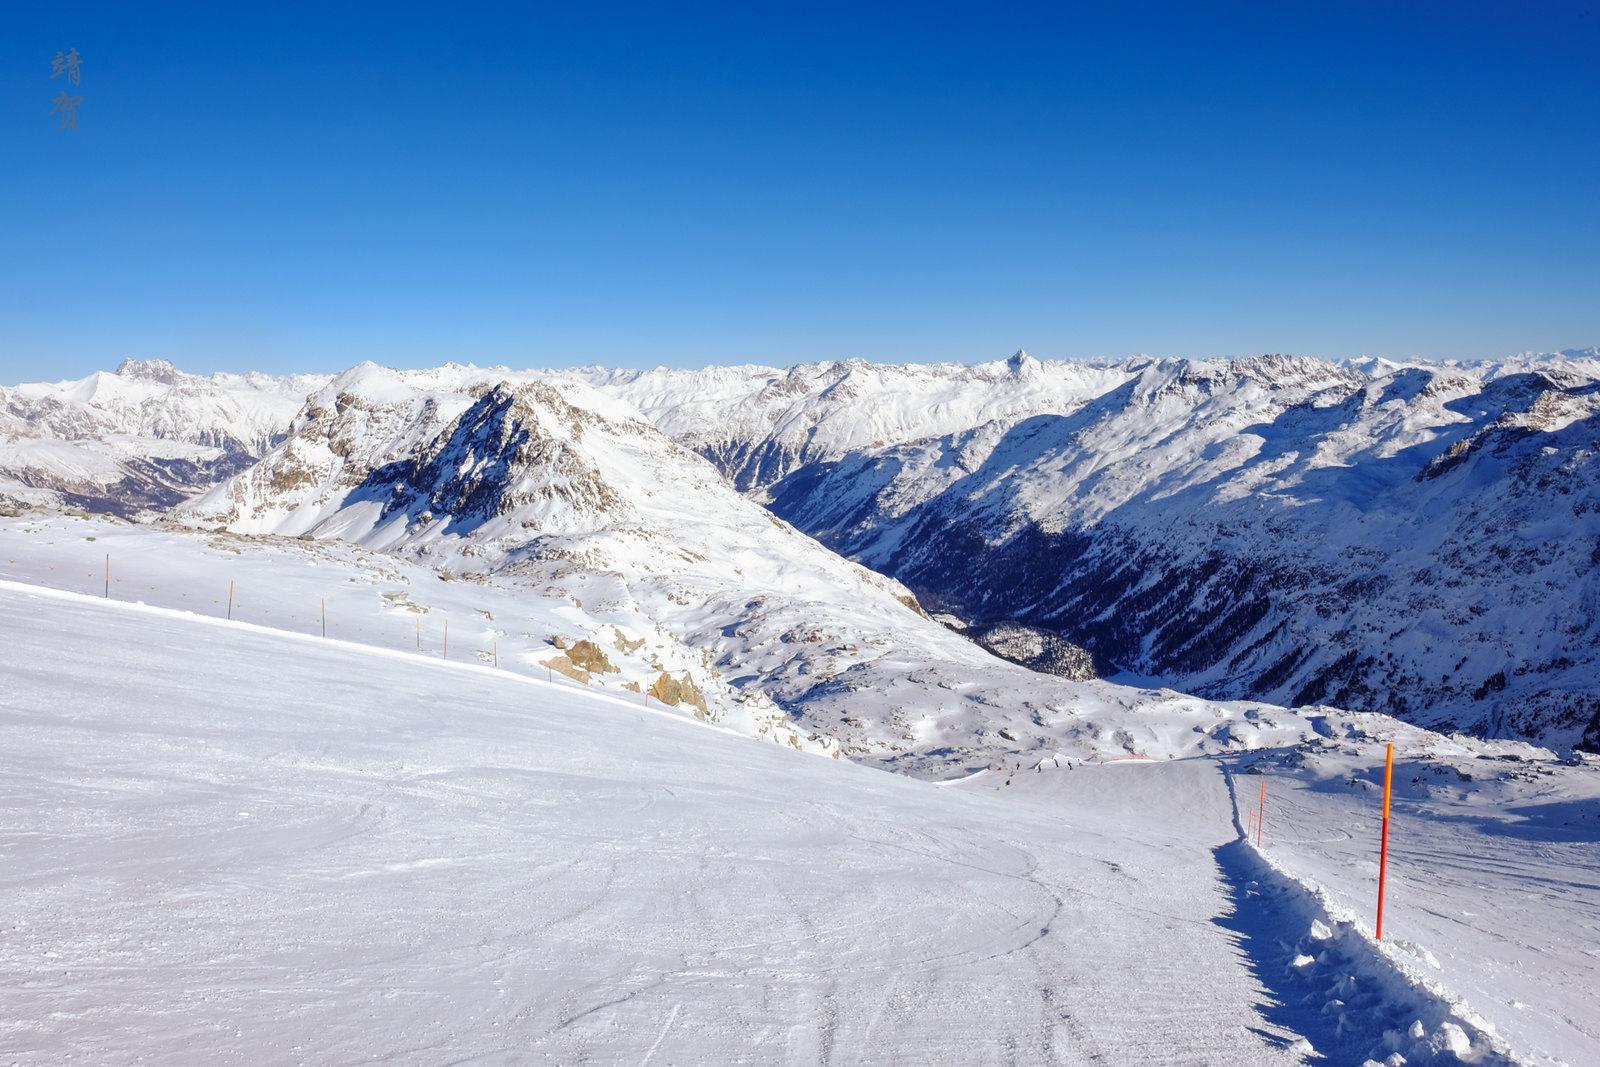 Skiing at Corvatsch Glacier